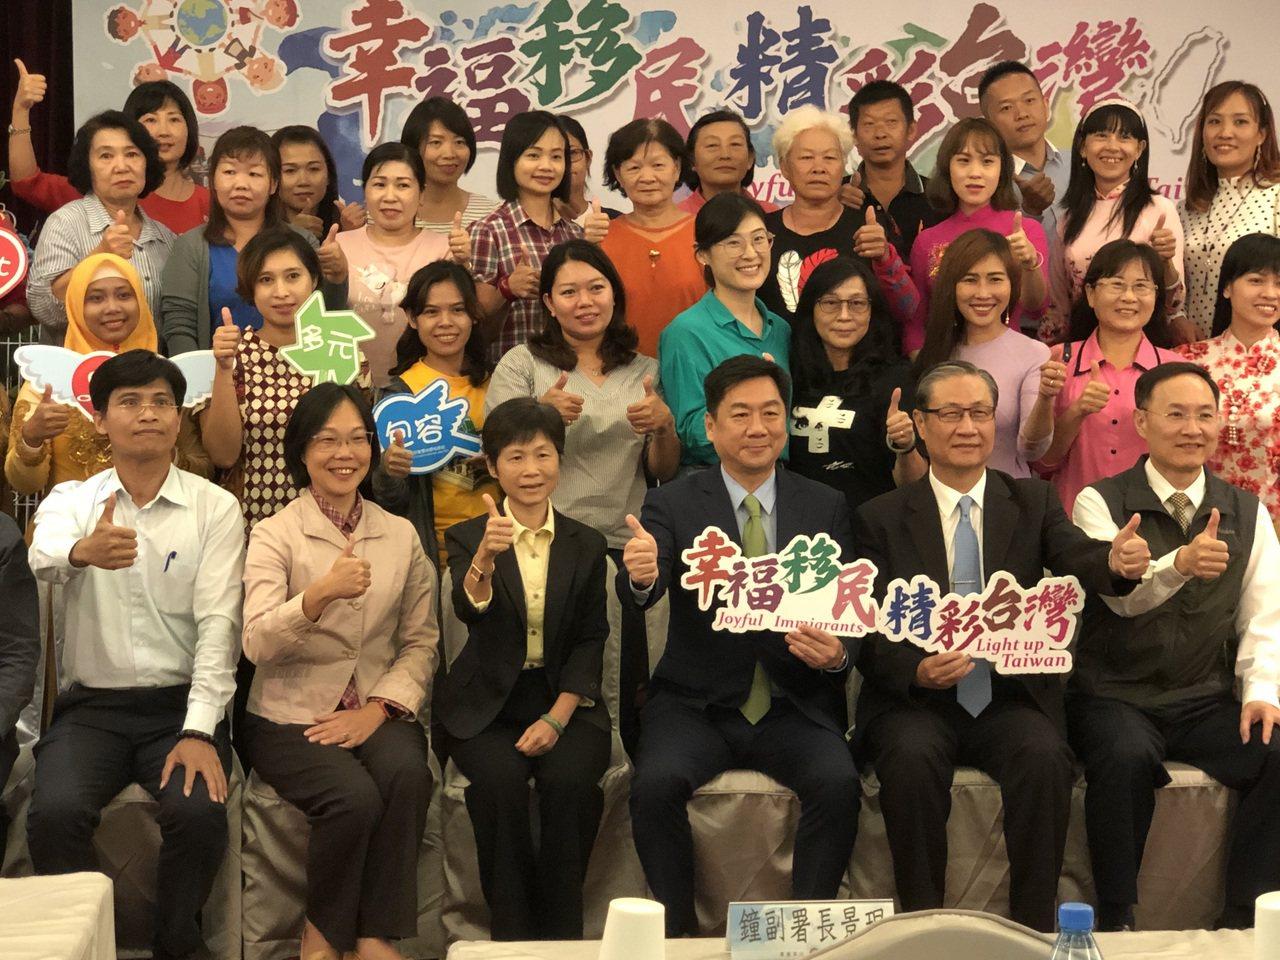 內政部及移民署等希望新住民把移民署當作自己娘家,把台灣當成第二故鄉。記者邵心杰/...